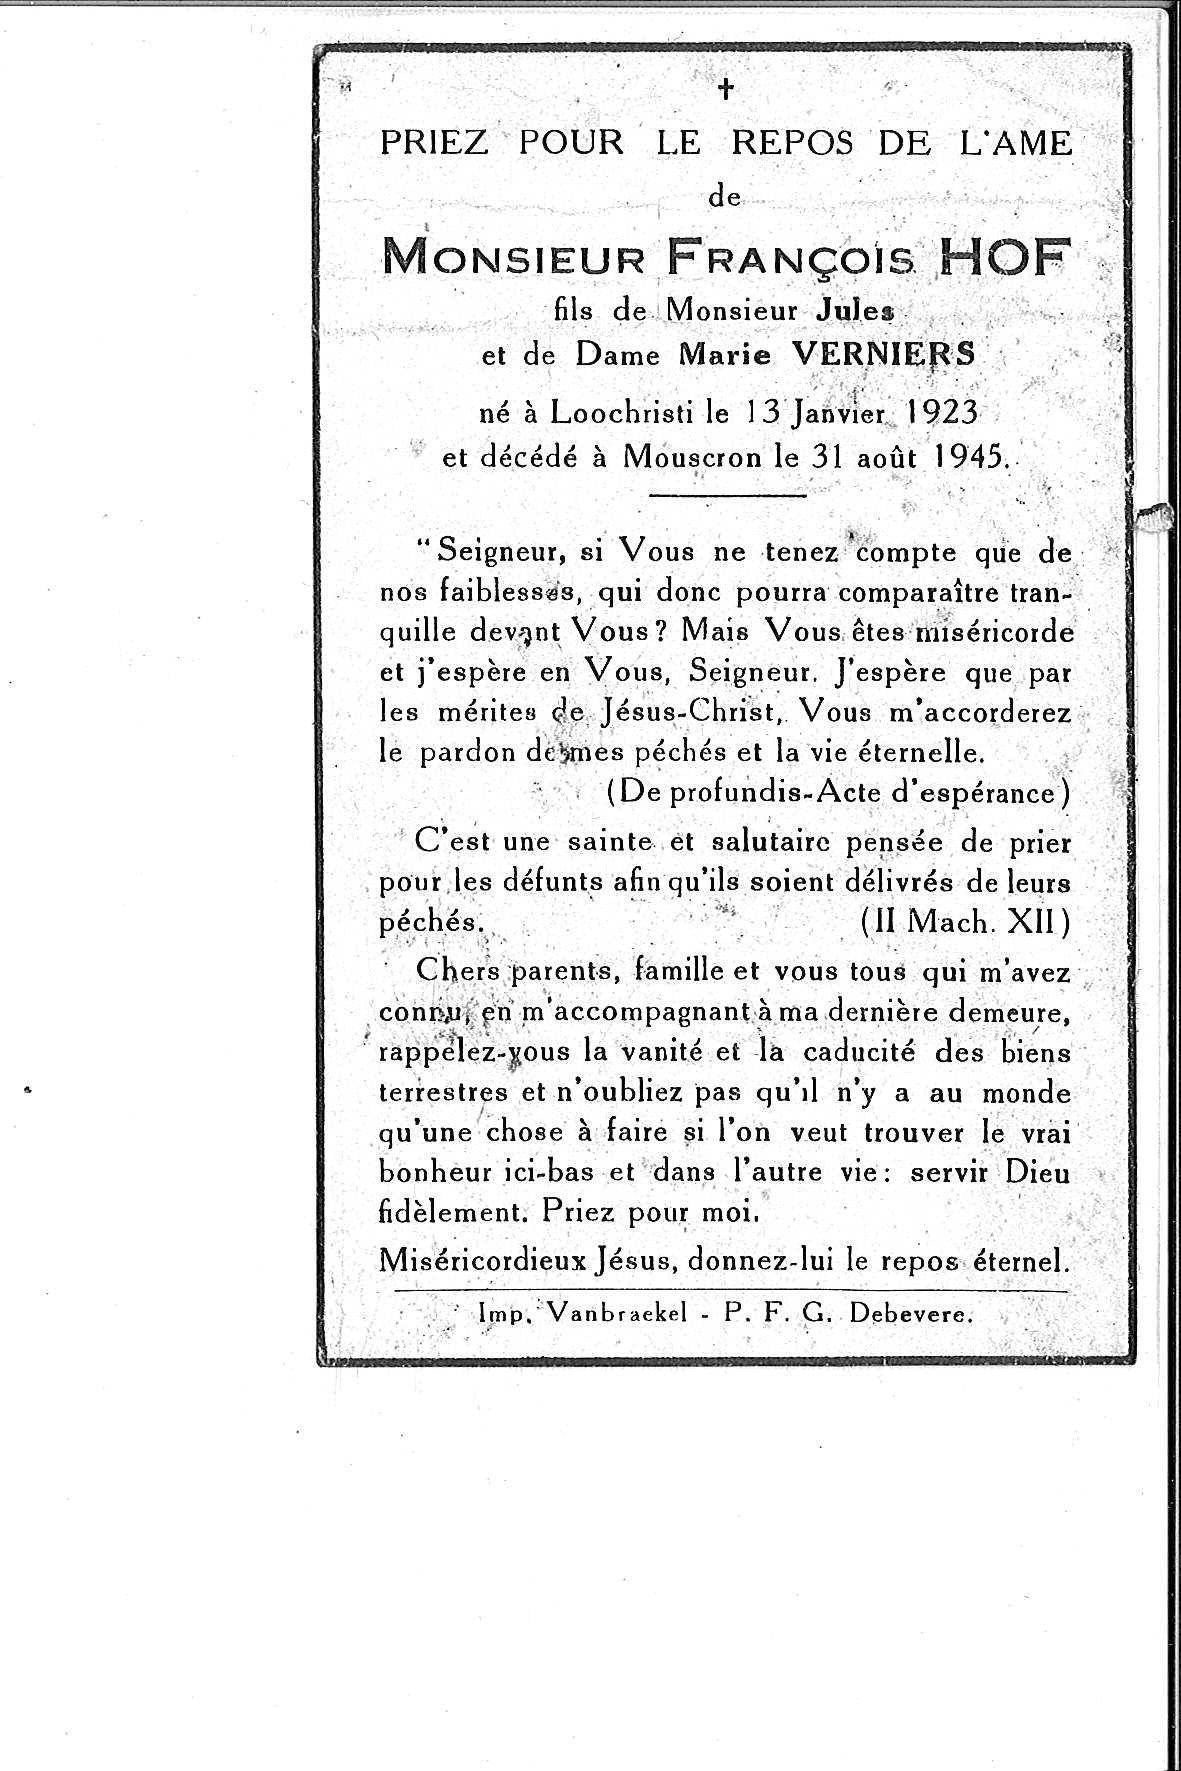 François(1945)20151002161158_00018.jpg